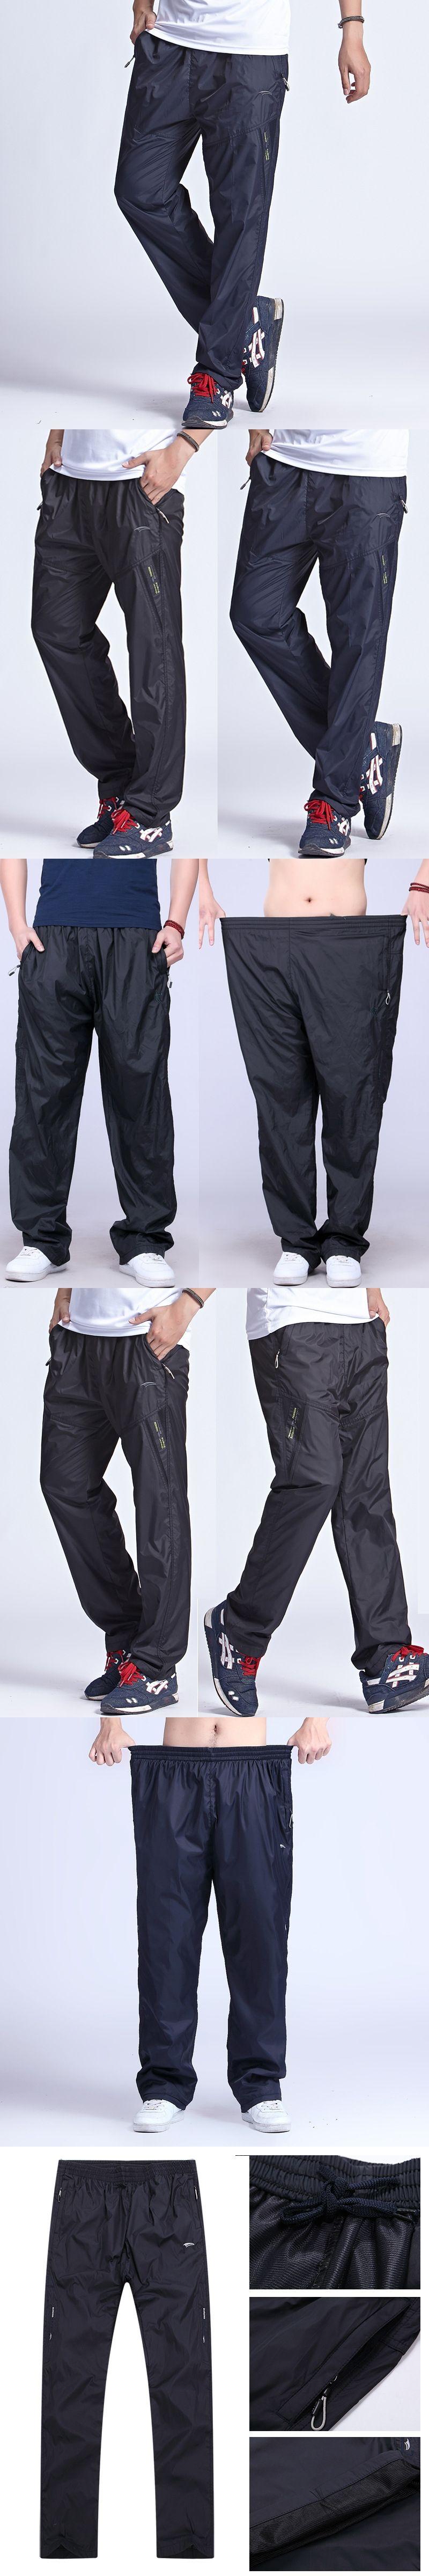 2a73cfa8450 Plus Size 6XL Men s Active Pants Outside Inner Line Long Men Quick Dry  Pants Active Elastic Waist Sweatpants Men Exercise Pants